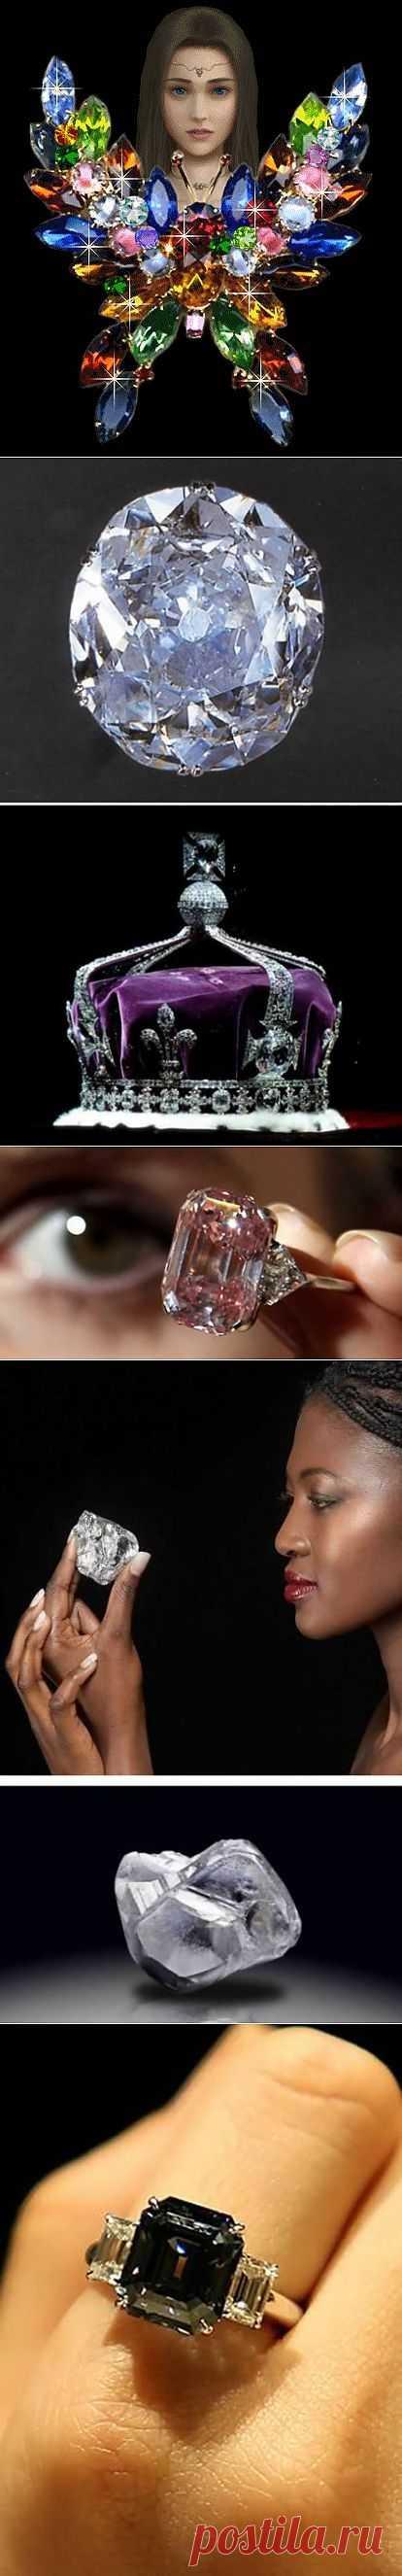 Самые удивительные драгоценные камни! | НАУКА И ЖИЗНЬ